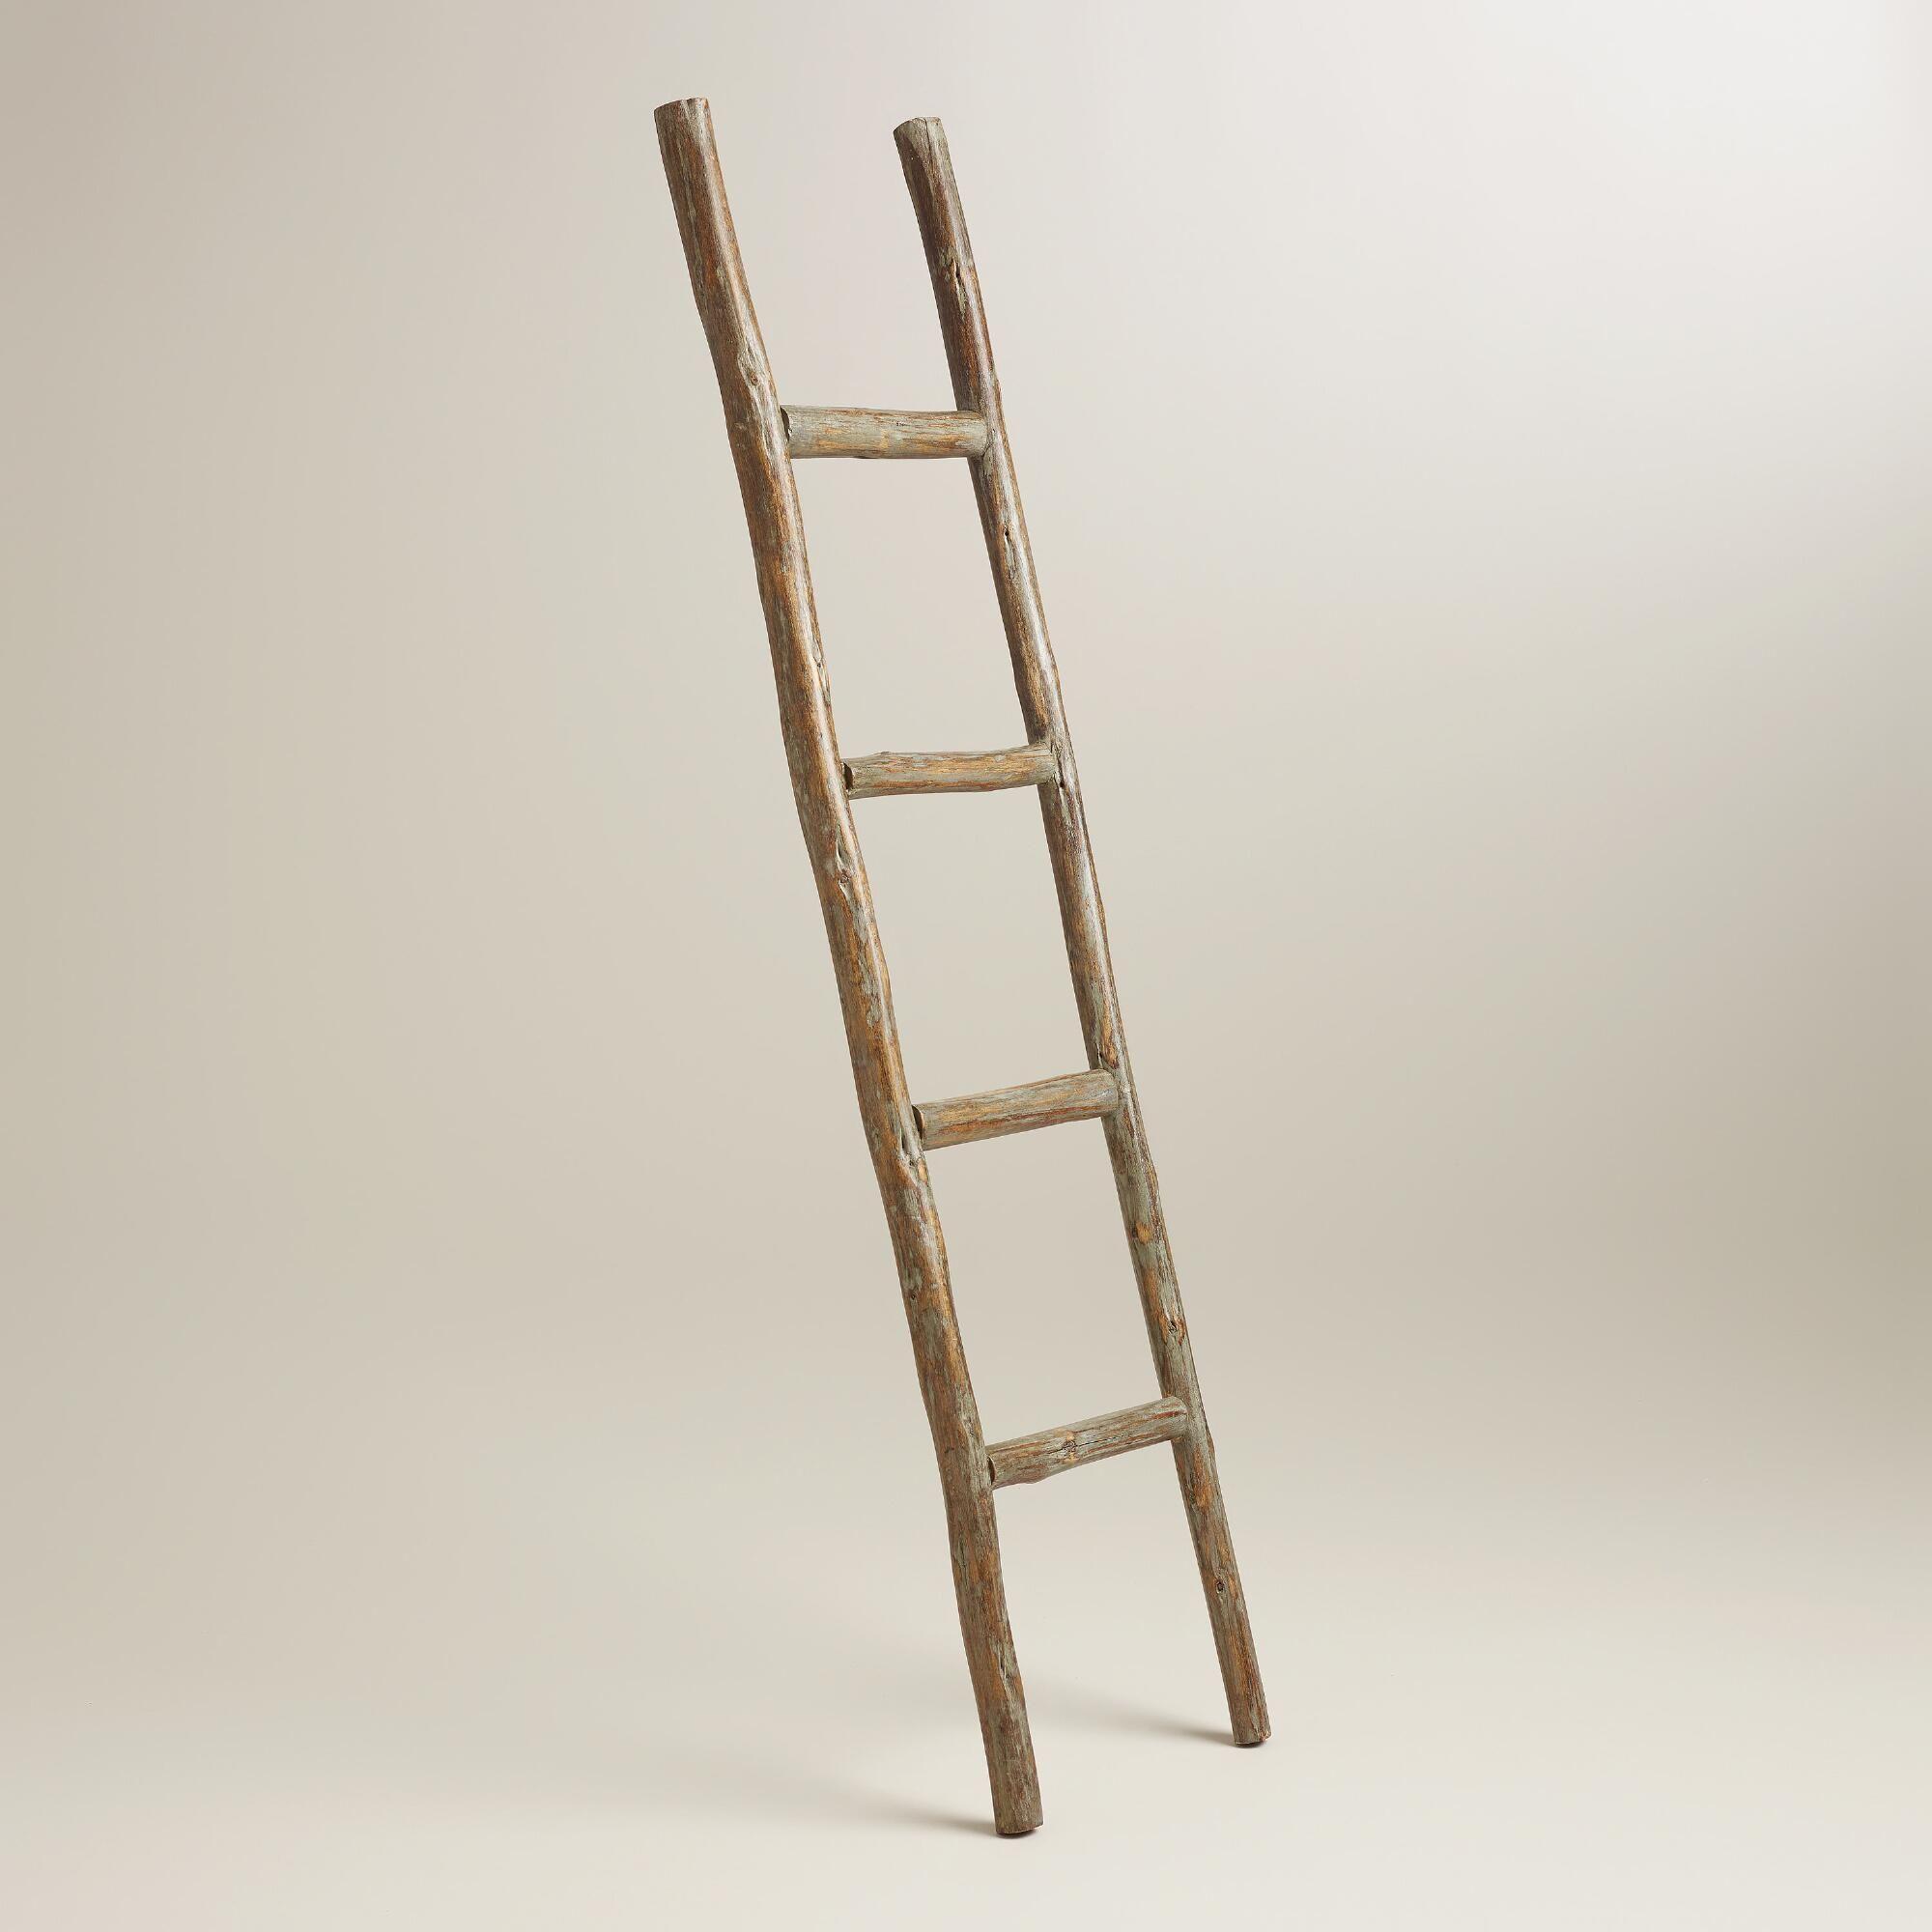 Wood Ladder Decor Ladder Decor Wood Ladder Decor Inexpensive Home Decor